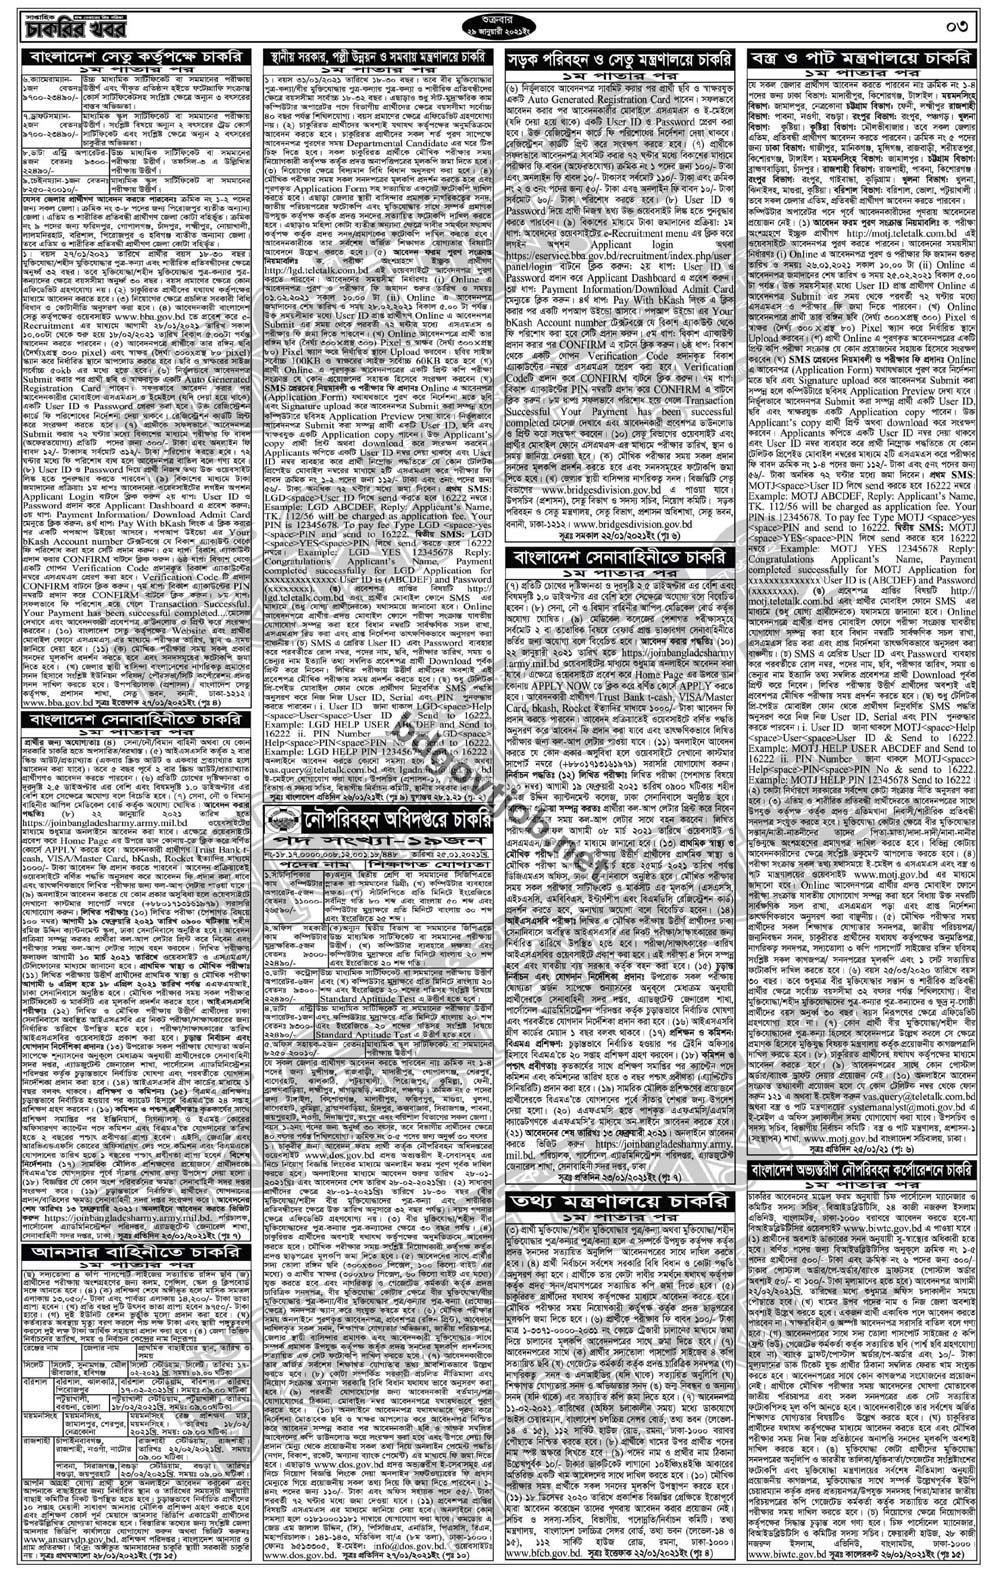 Weekly jobs newspaper Page 3